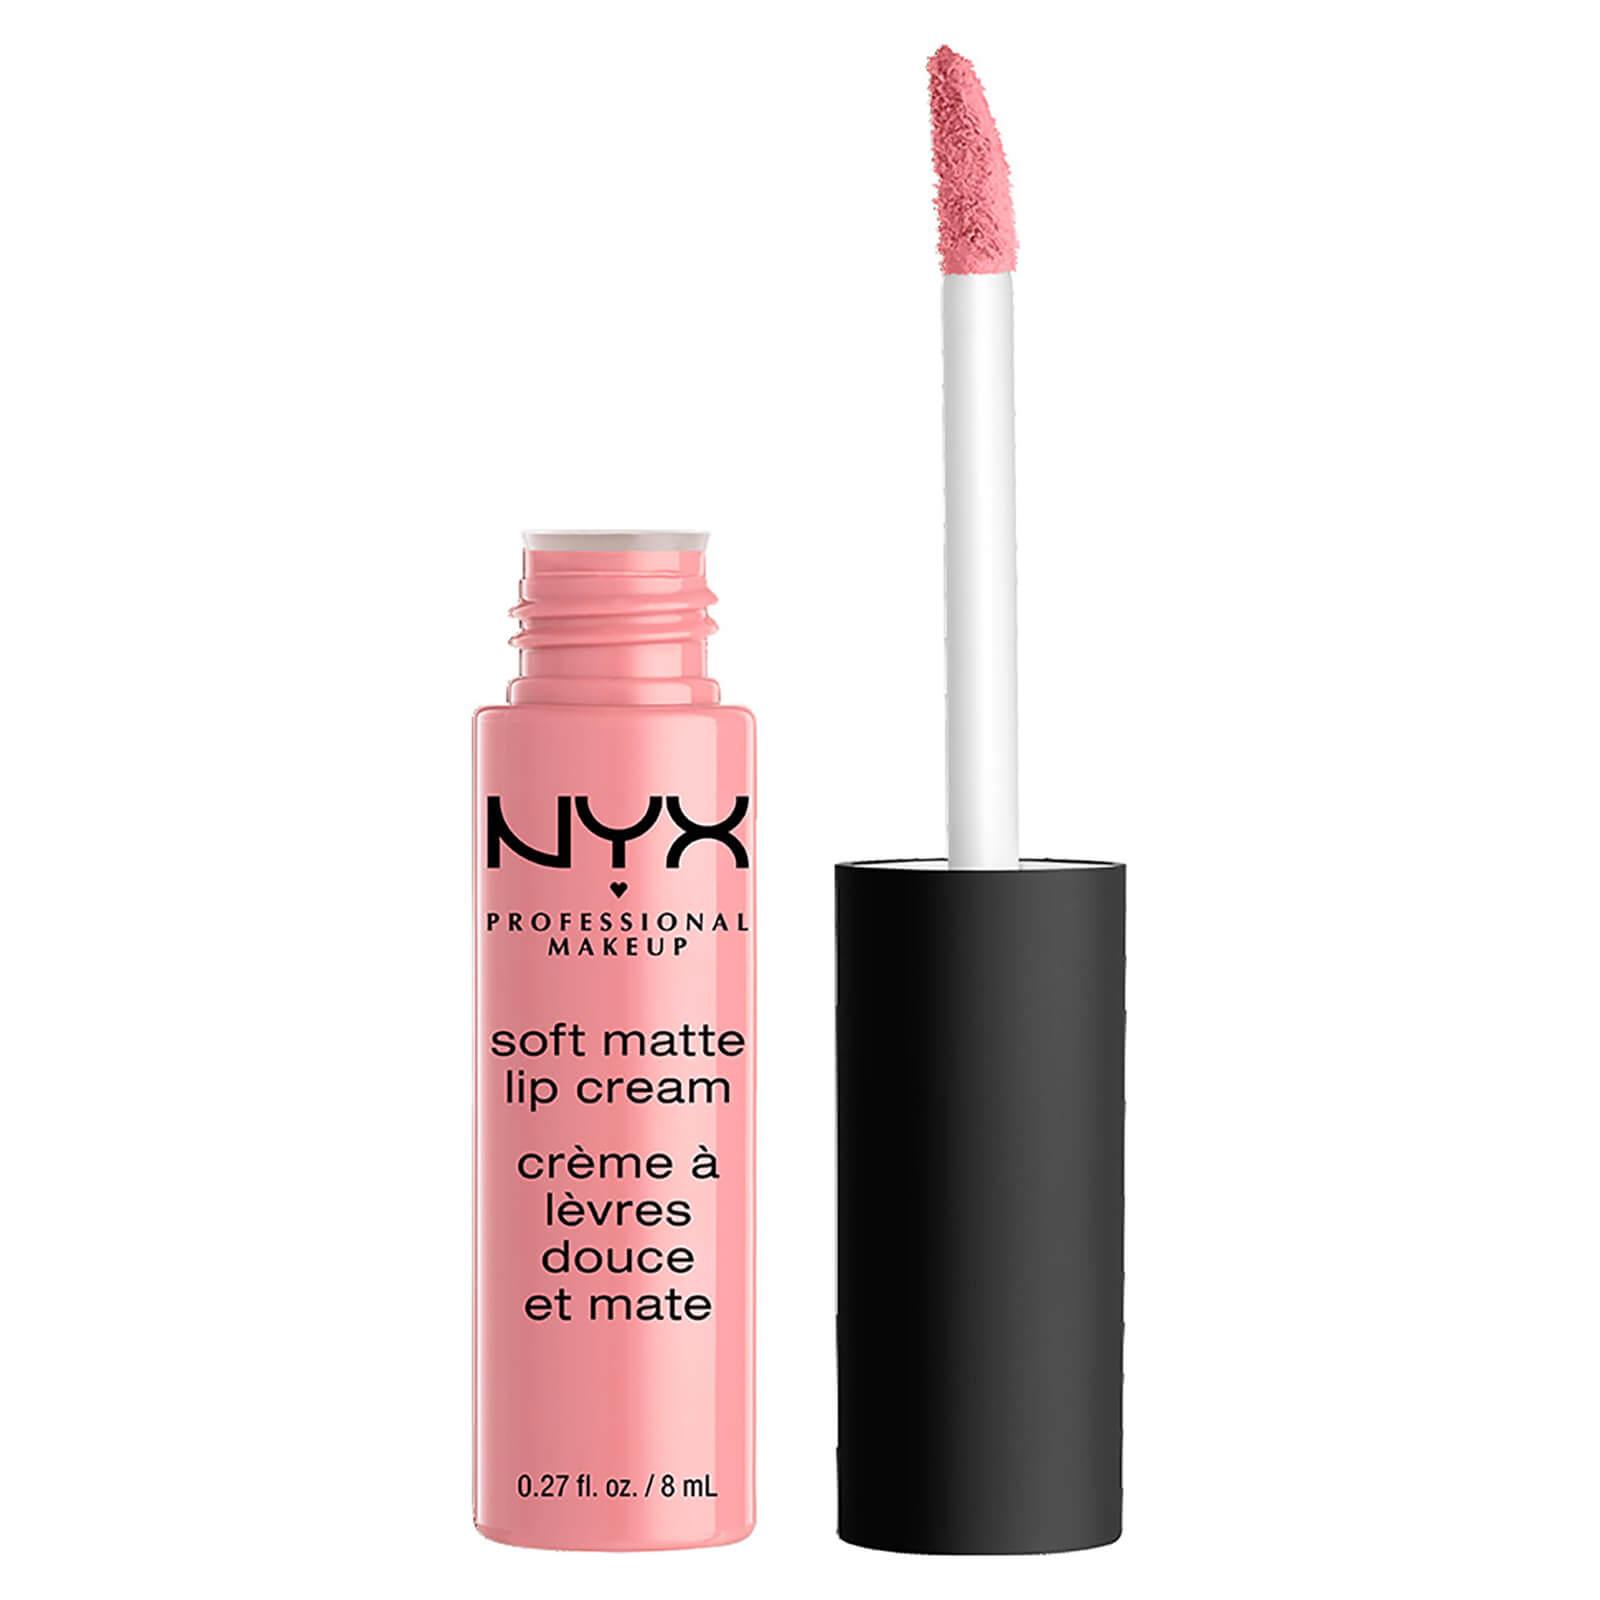 Купить Матовая жидкая помада NYX Professional Makeup Soft Matte Lip Cream (разные оттенки) - Tokyo